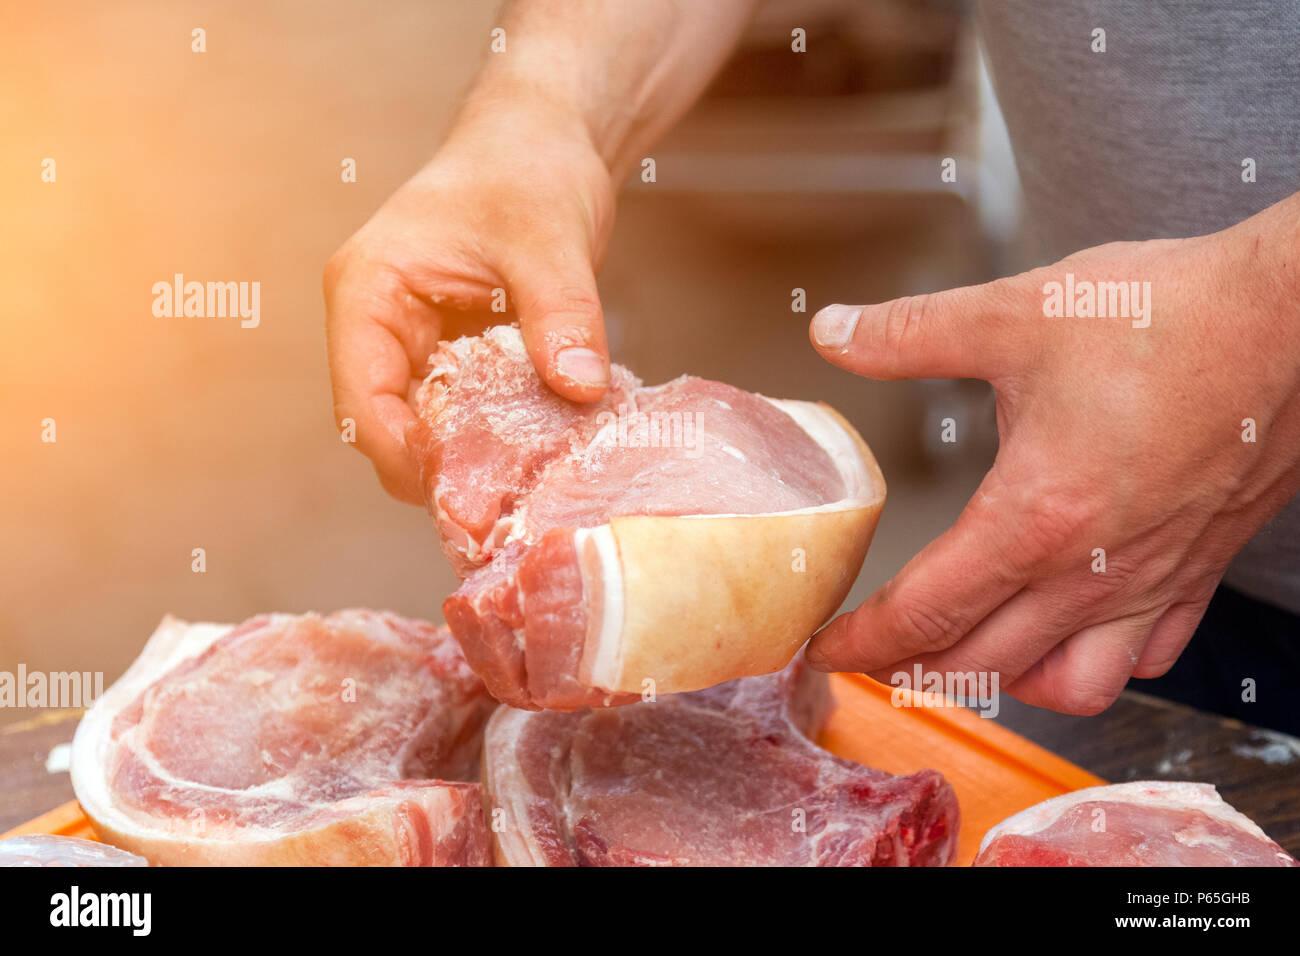 How to cook pork entrecote 84